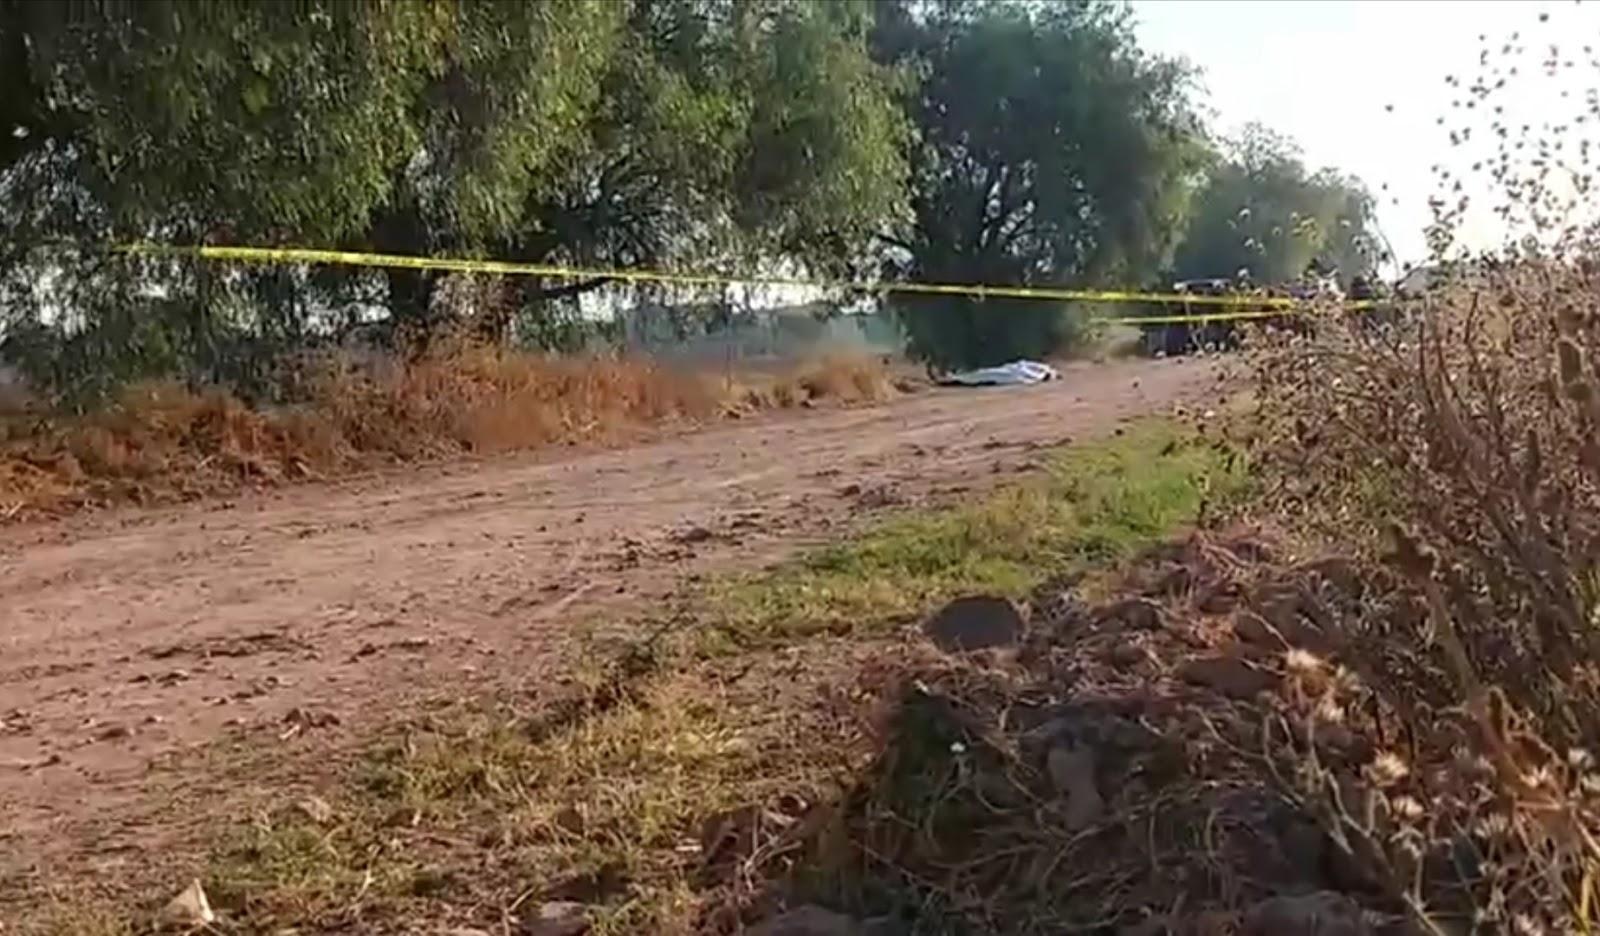 Ejecutan a dos mujeres de la comunidad en la que mataron a la hermana de 'El Marro' en plena boda